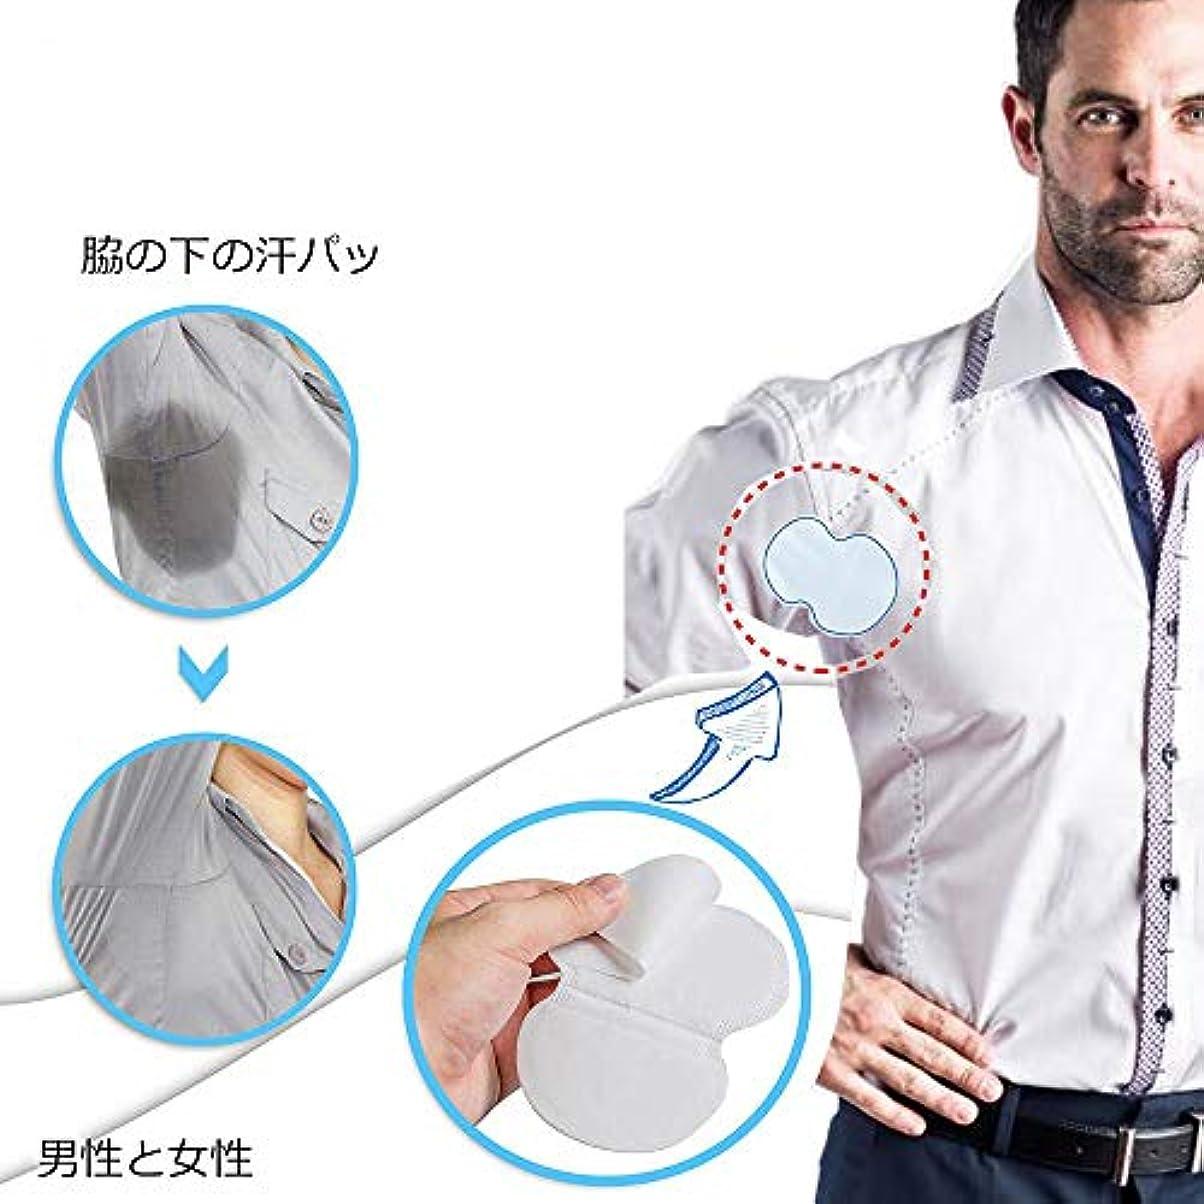 創傷ピンク周術期脇の下の汗パッド - 男性と女性のための使い捨ての脇の下パッド脇の下の汗パッドと消臭香りの錠剤、目に見えないと余分な接着剤(100 PCS)